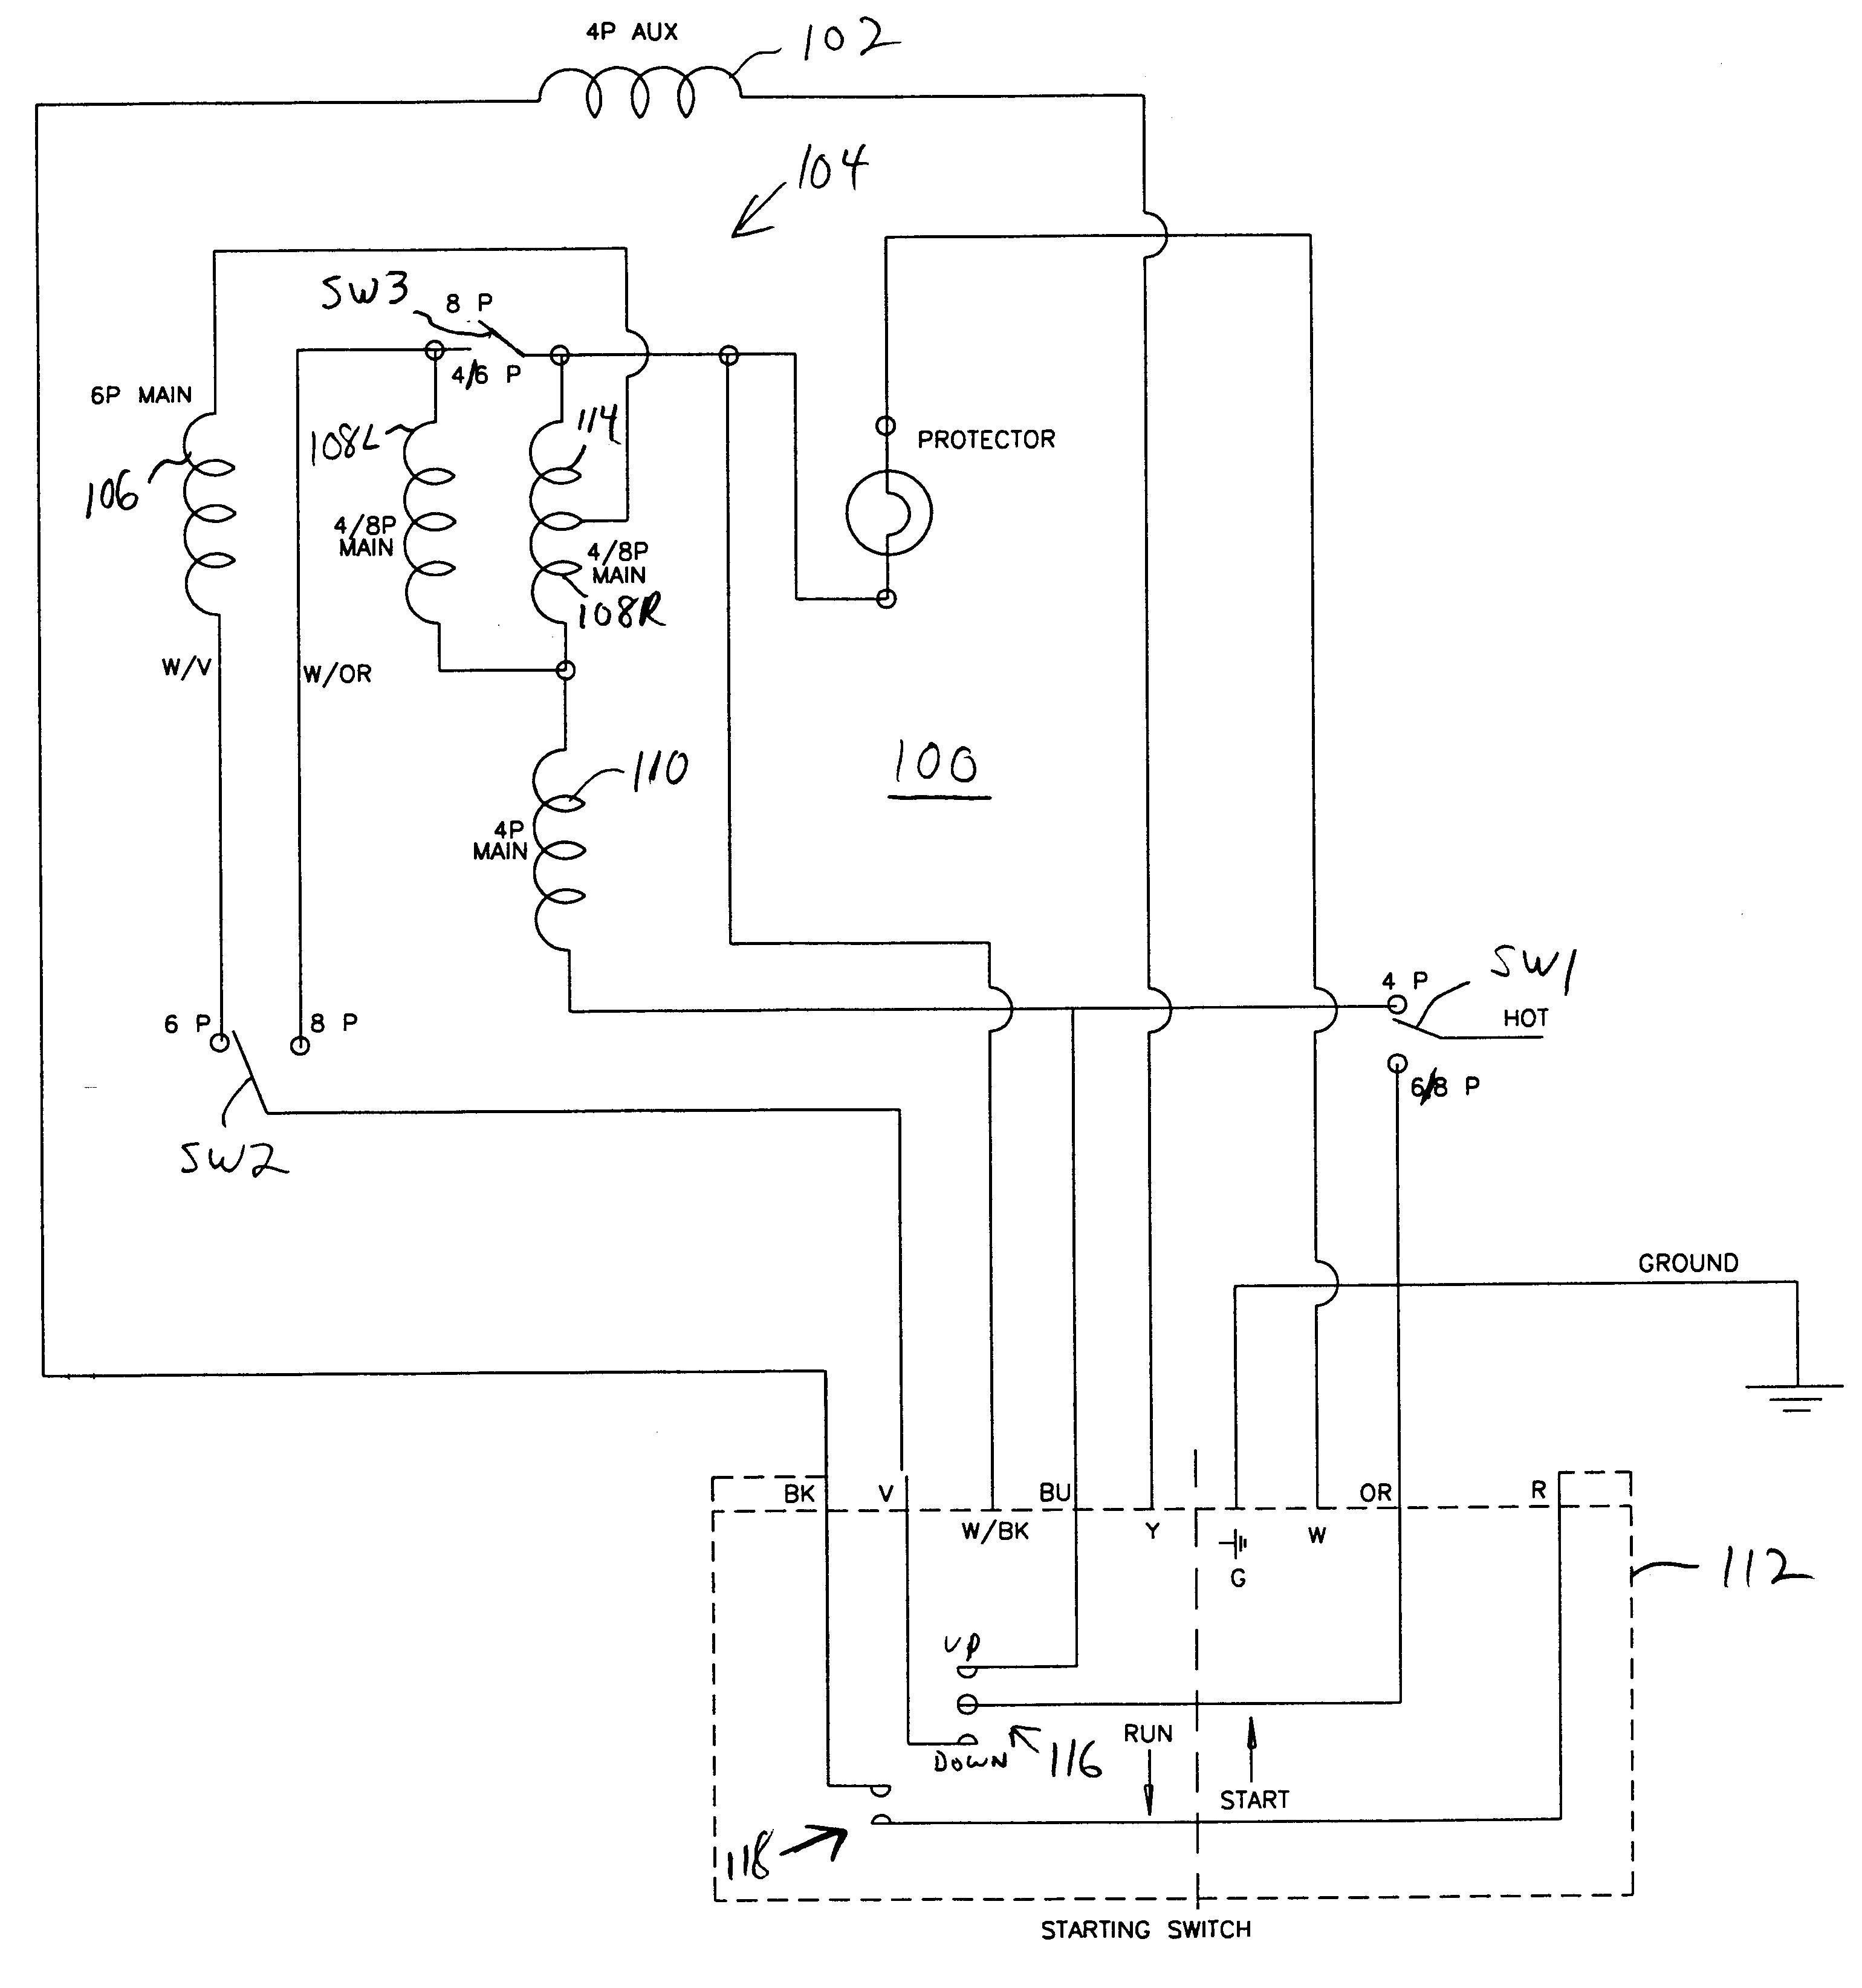 Single Phase Reversing Motor Wiring Diagram Amazing Single Phase forward Reverse Wiring Diagram S Of Single Phase Reversing Motor Wiring Diagram